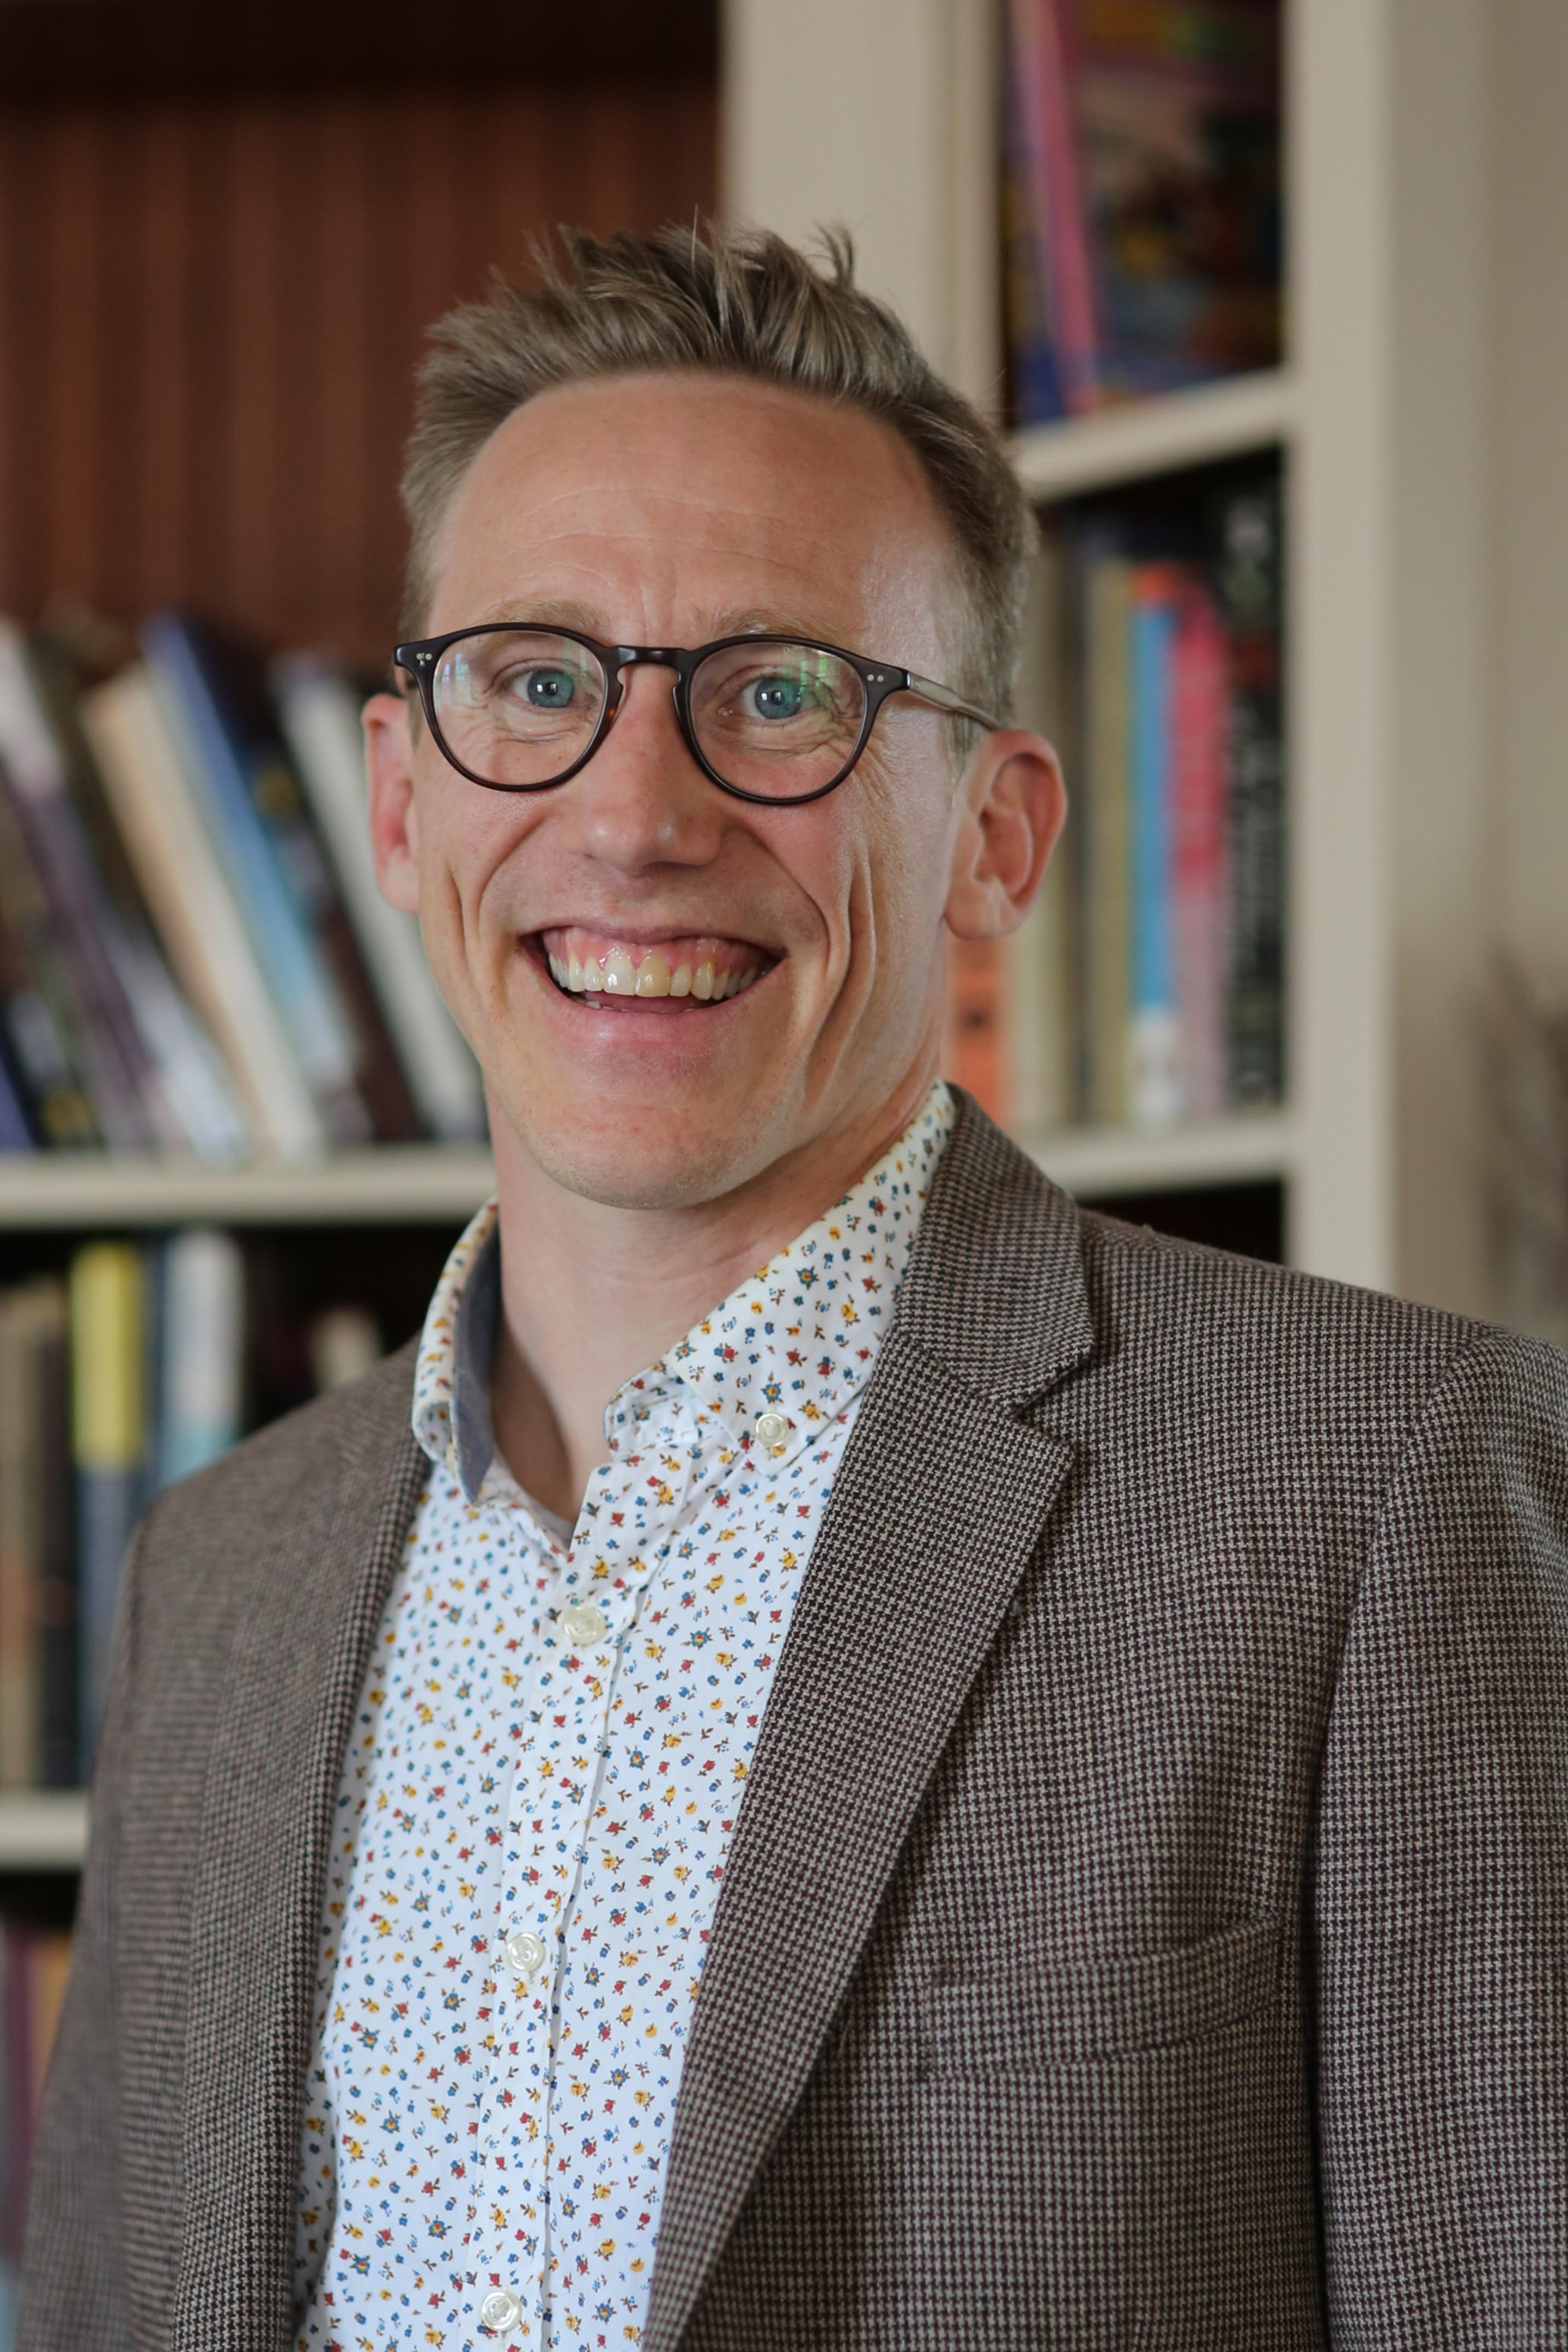 Pastor Ben Robinson